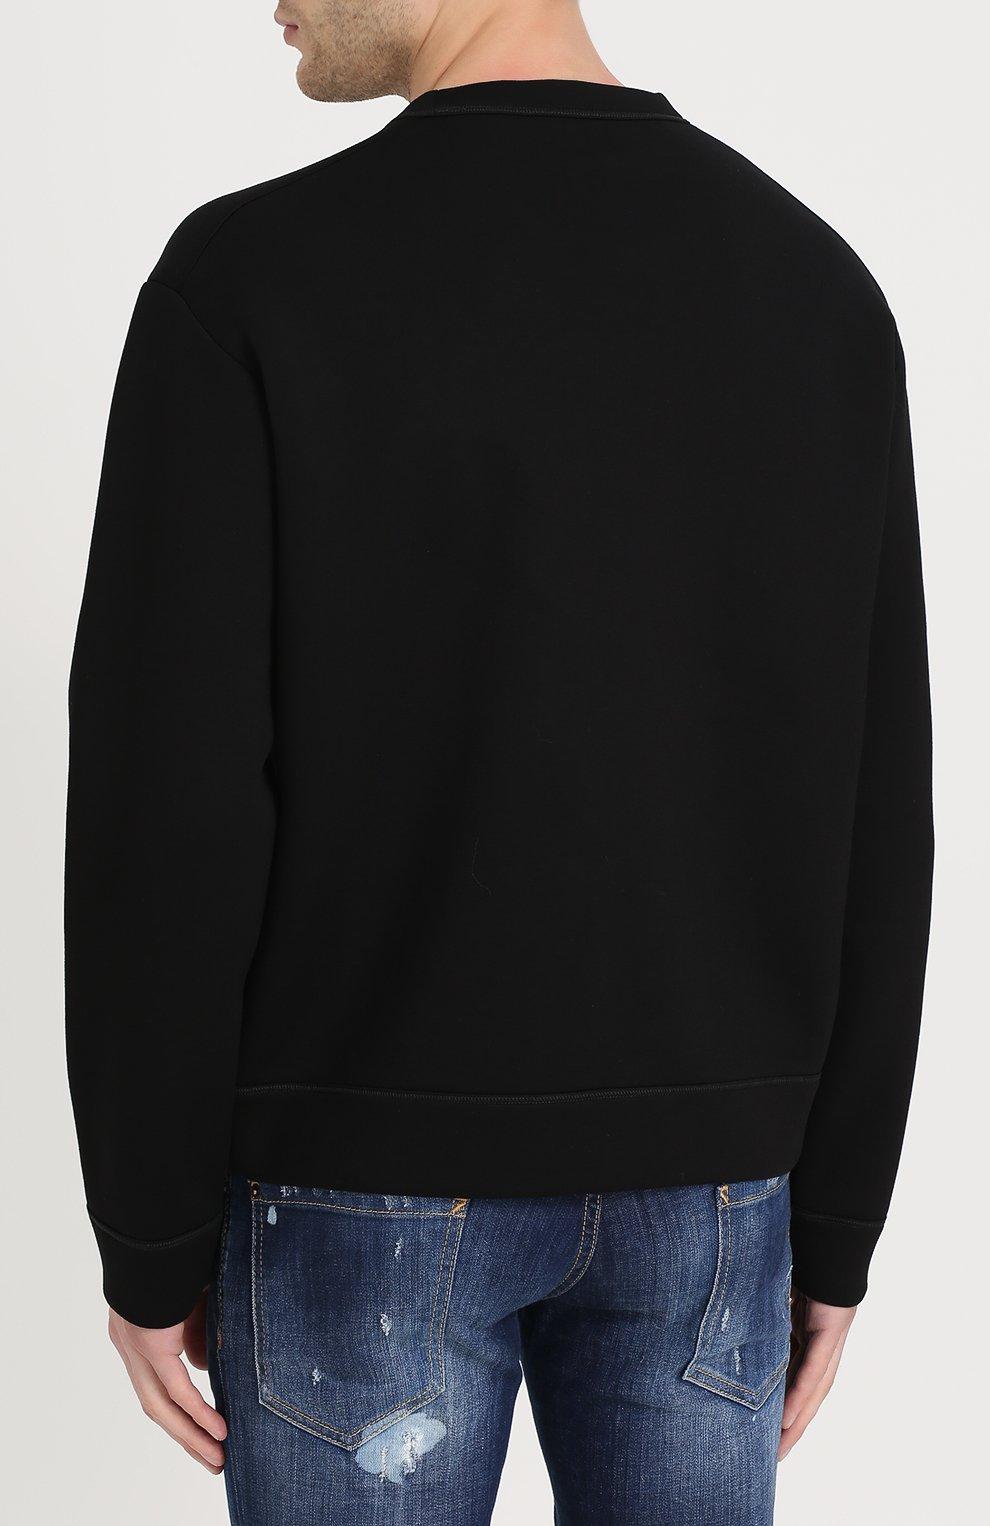 Джемпер из вискозы с контрастной вышивкой | Фото №4